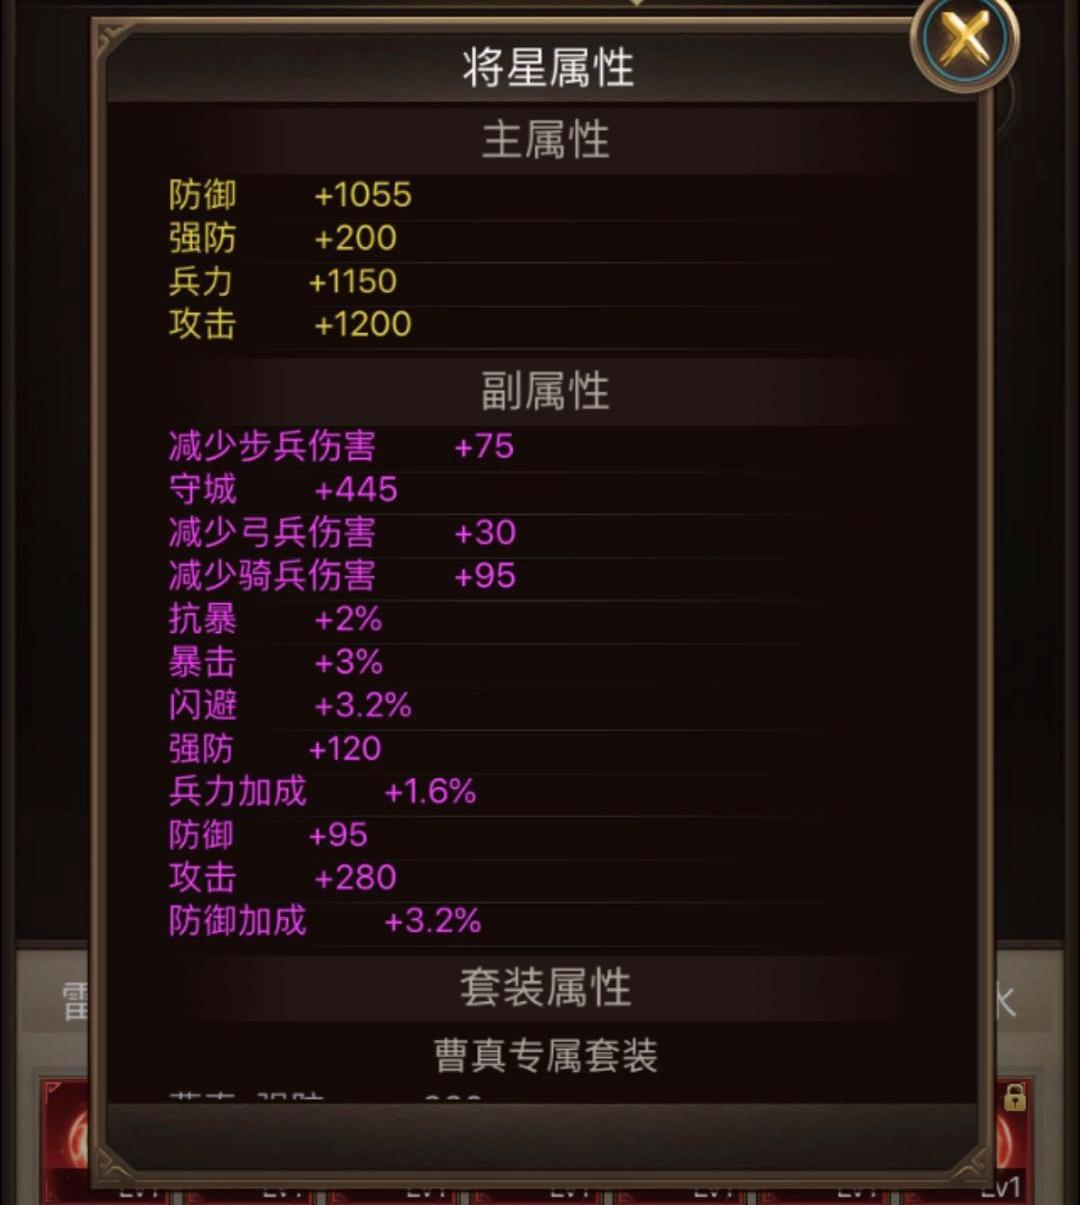 AAAD6C38-3963-4379-93C3-218F7423C9C6.jpeg